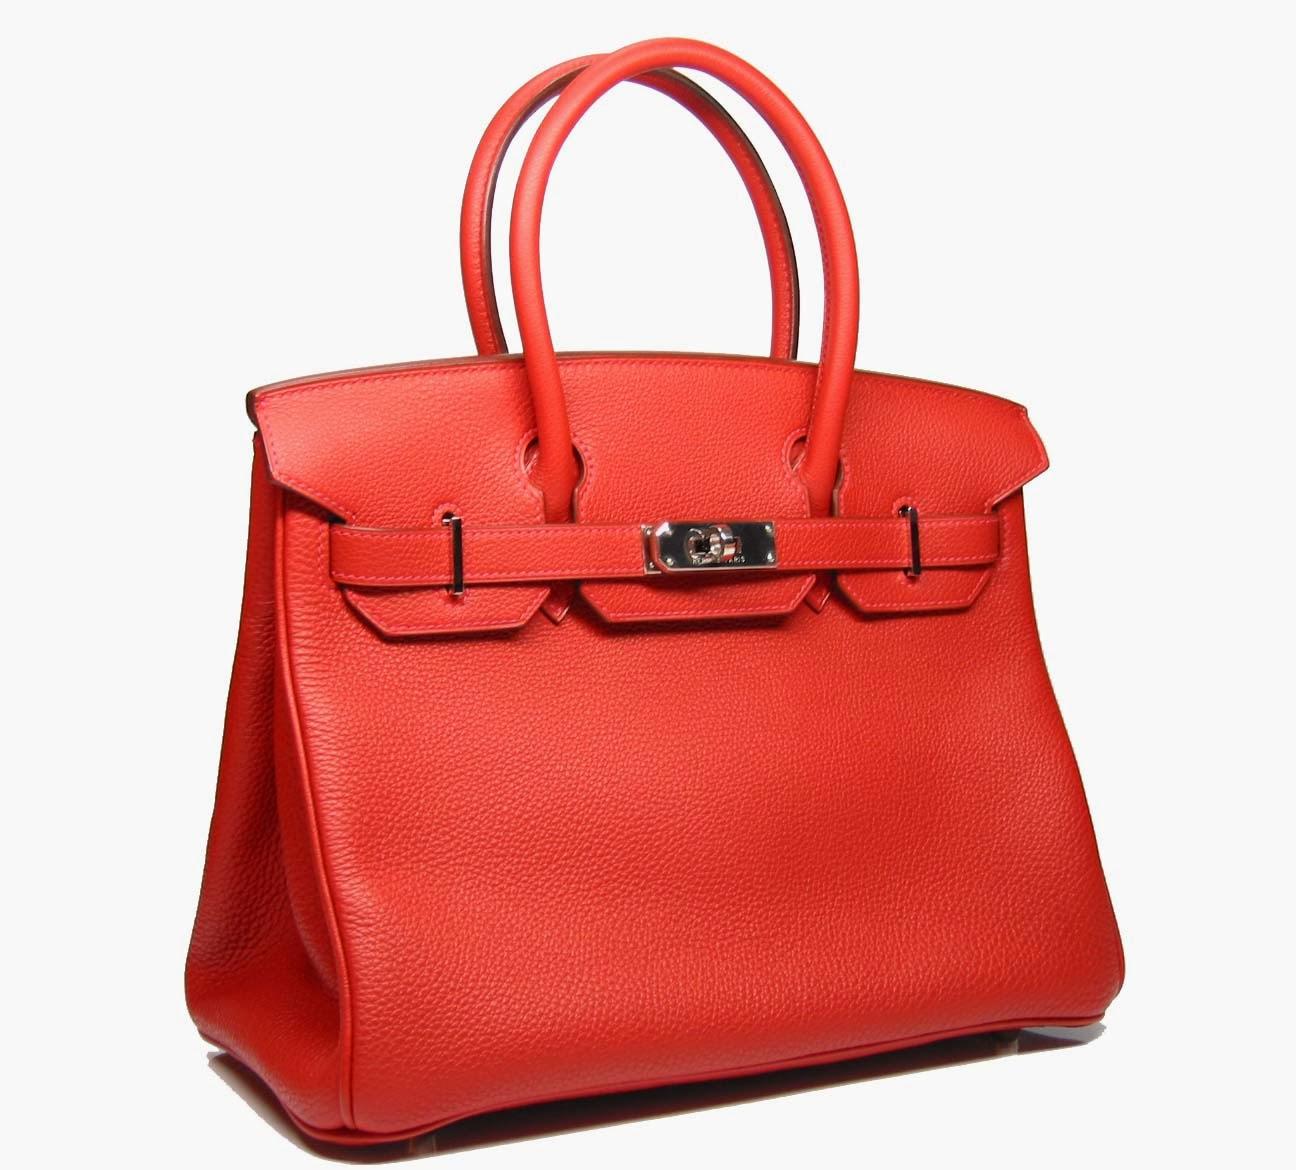 hermes bag sale - Hermes Birkin Bag Price List.jpg